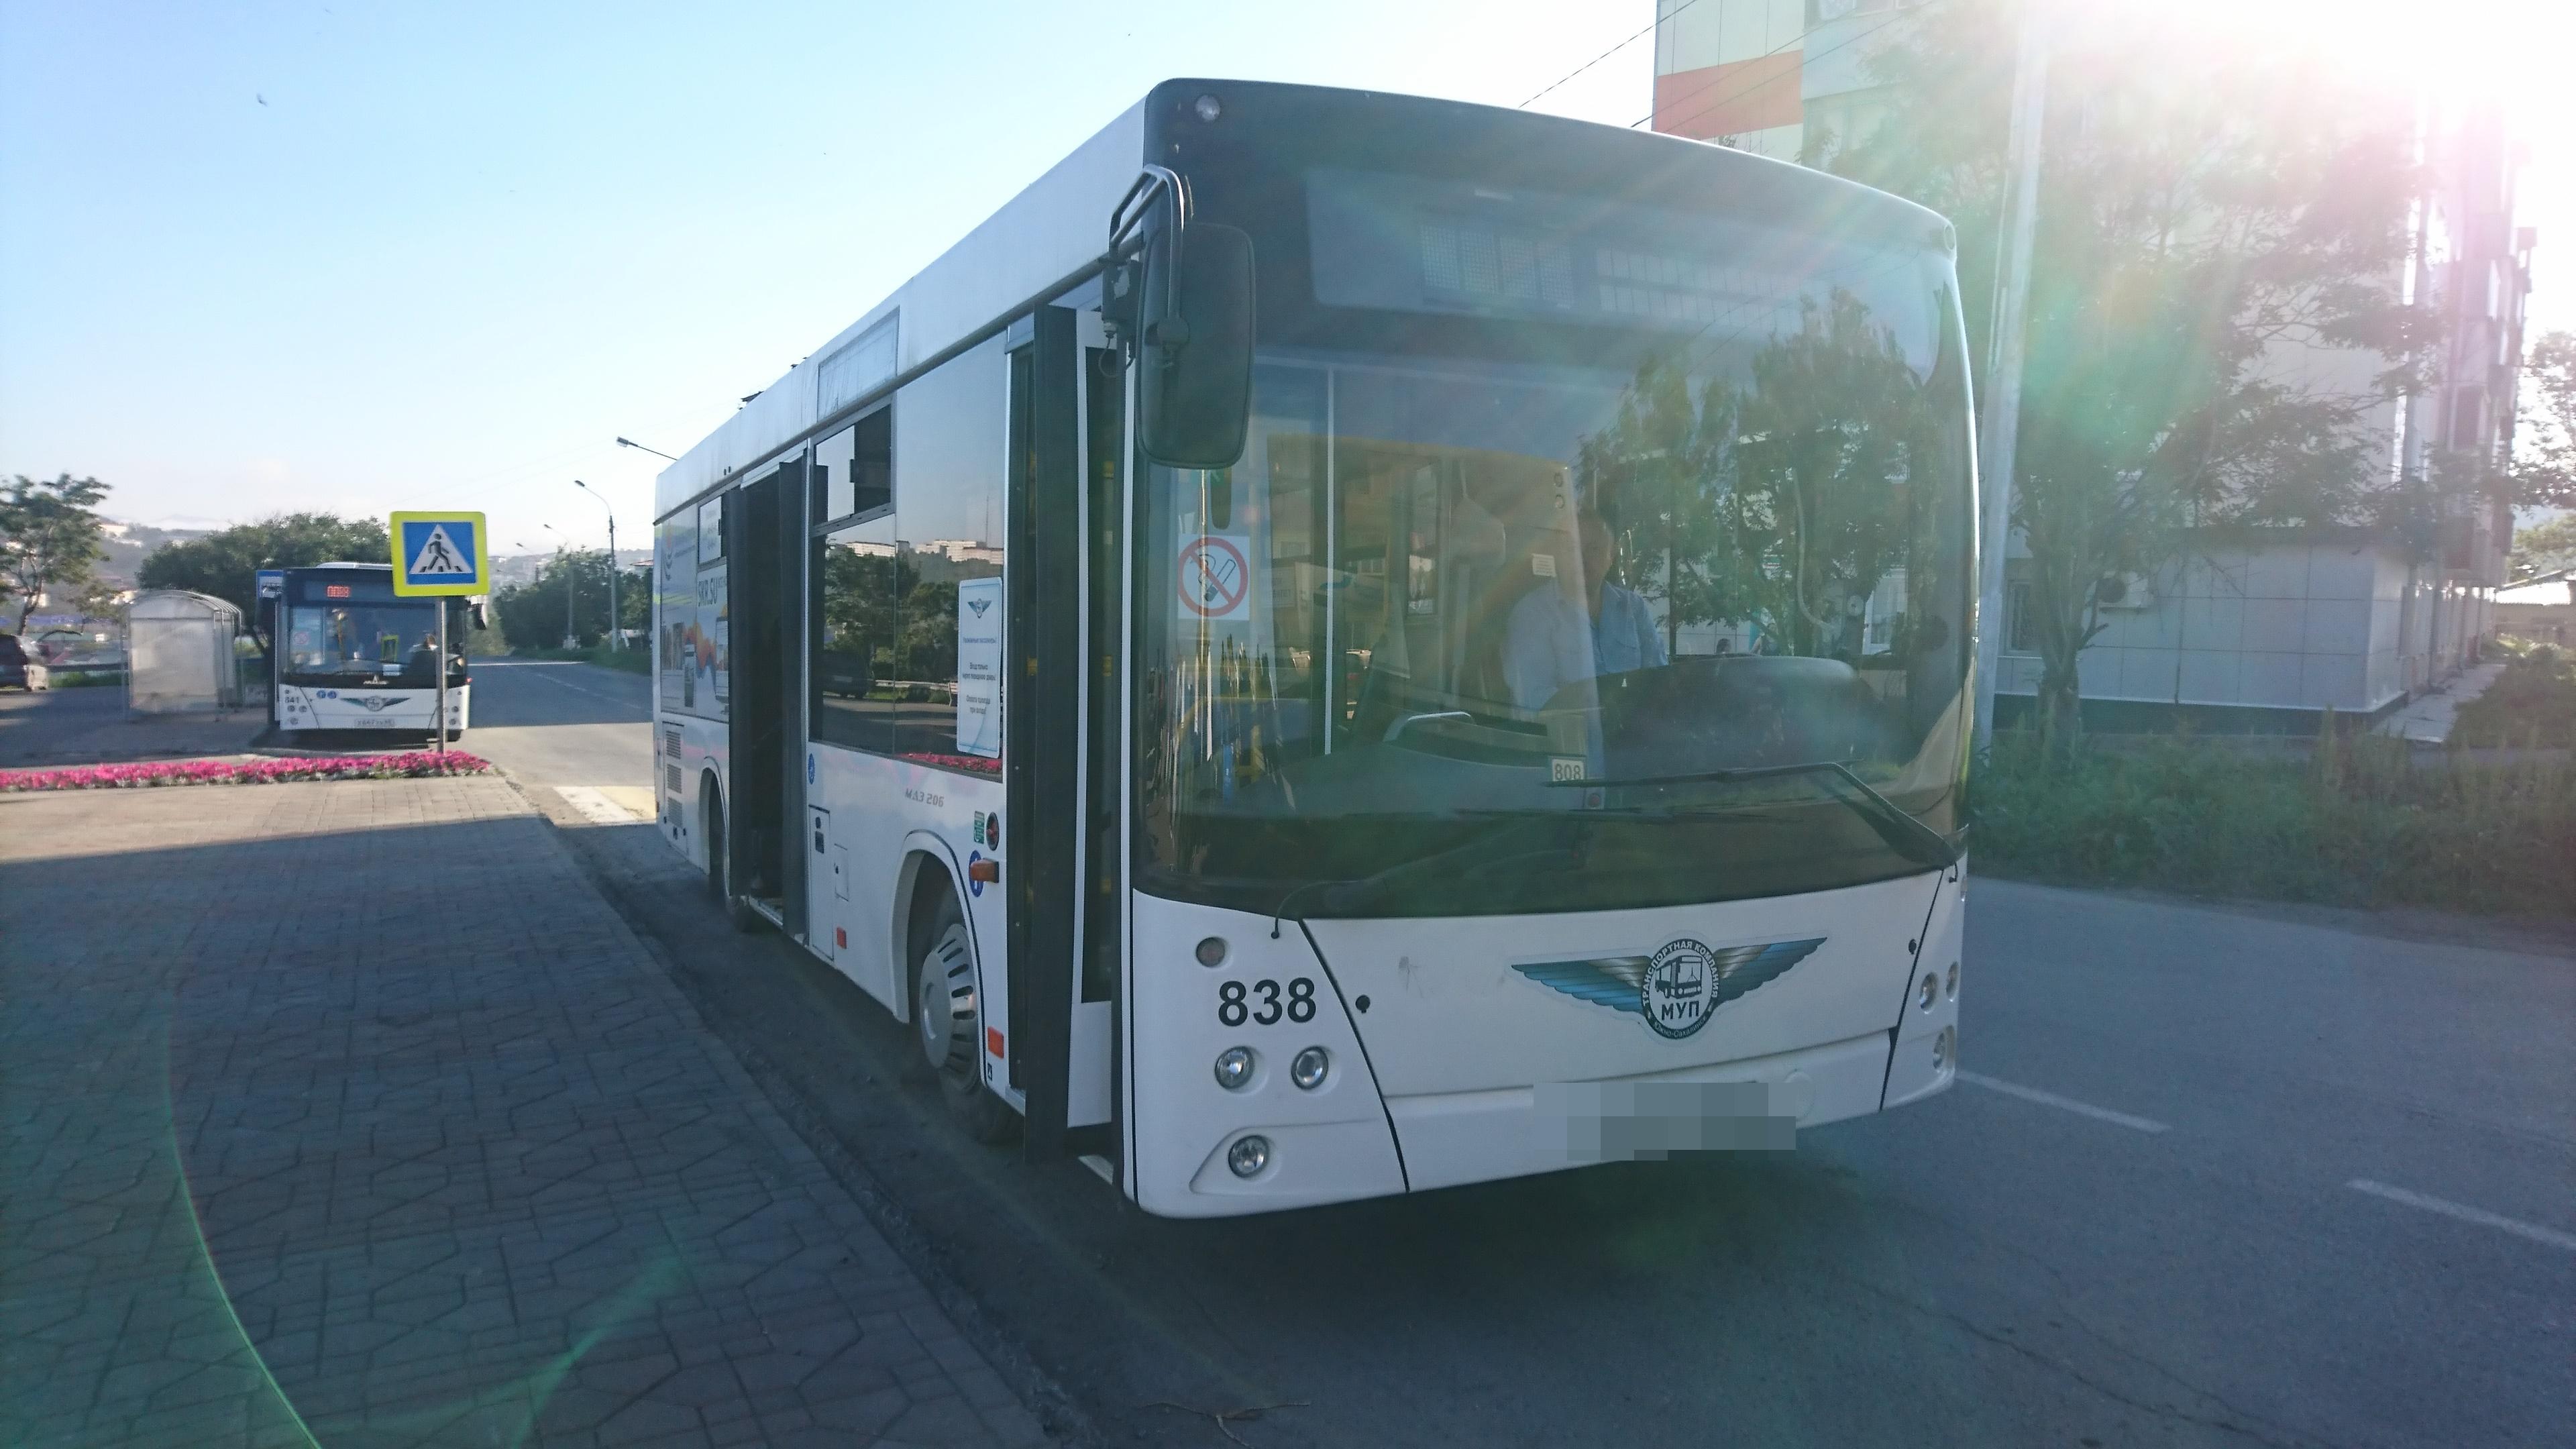 ダイヤモンドプリンセスで寄港したコルサコフの観光用のバス